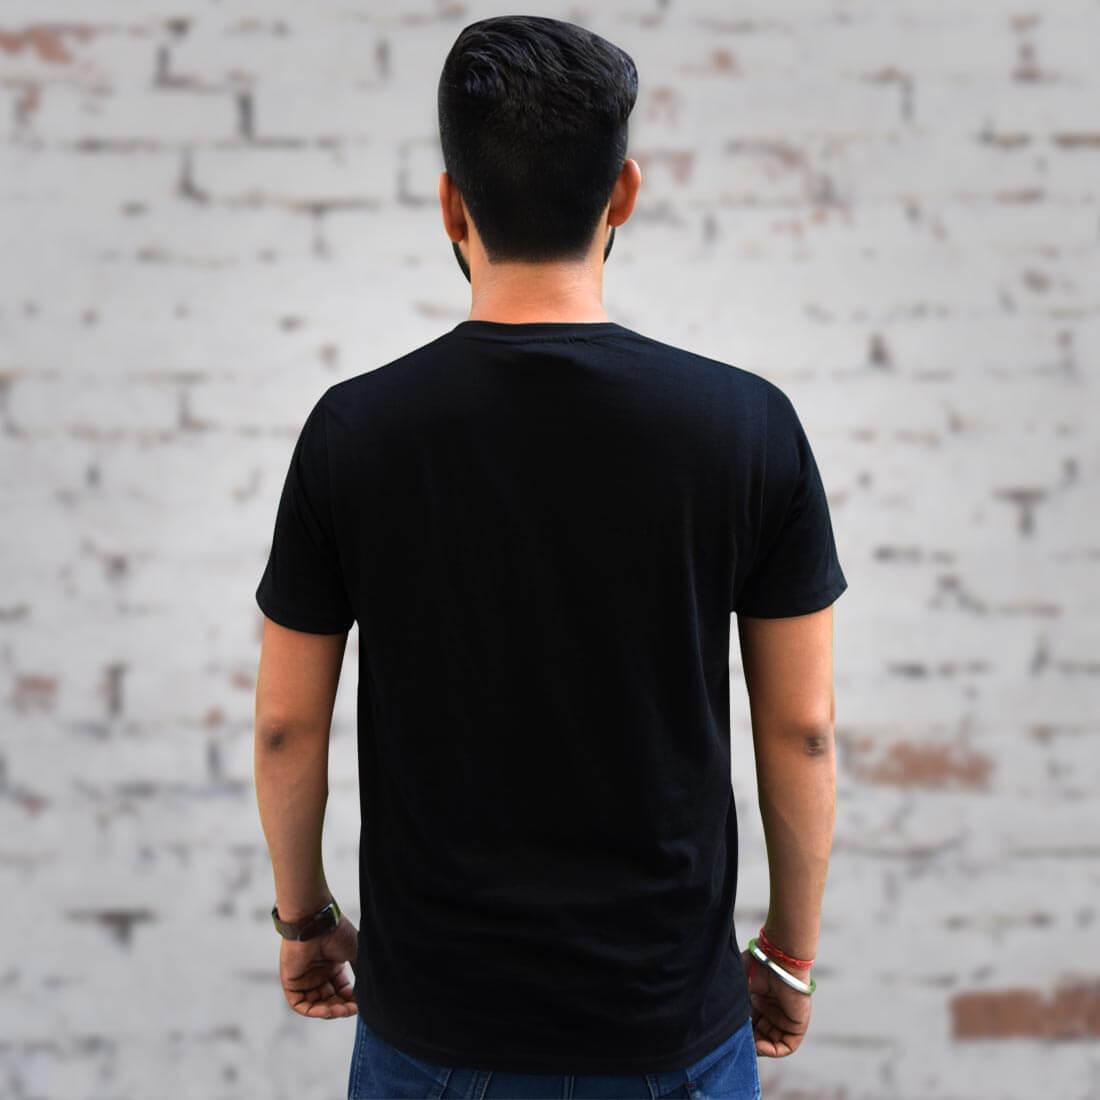 Vighnaharta Ganesh Printed Black T Shirt Front and Back